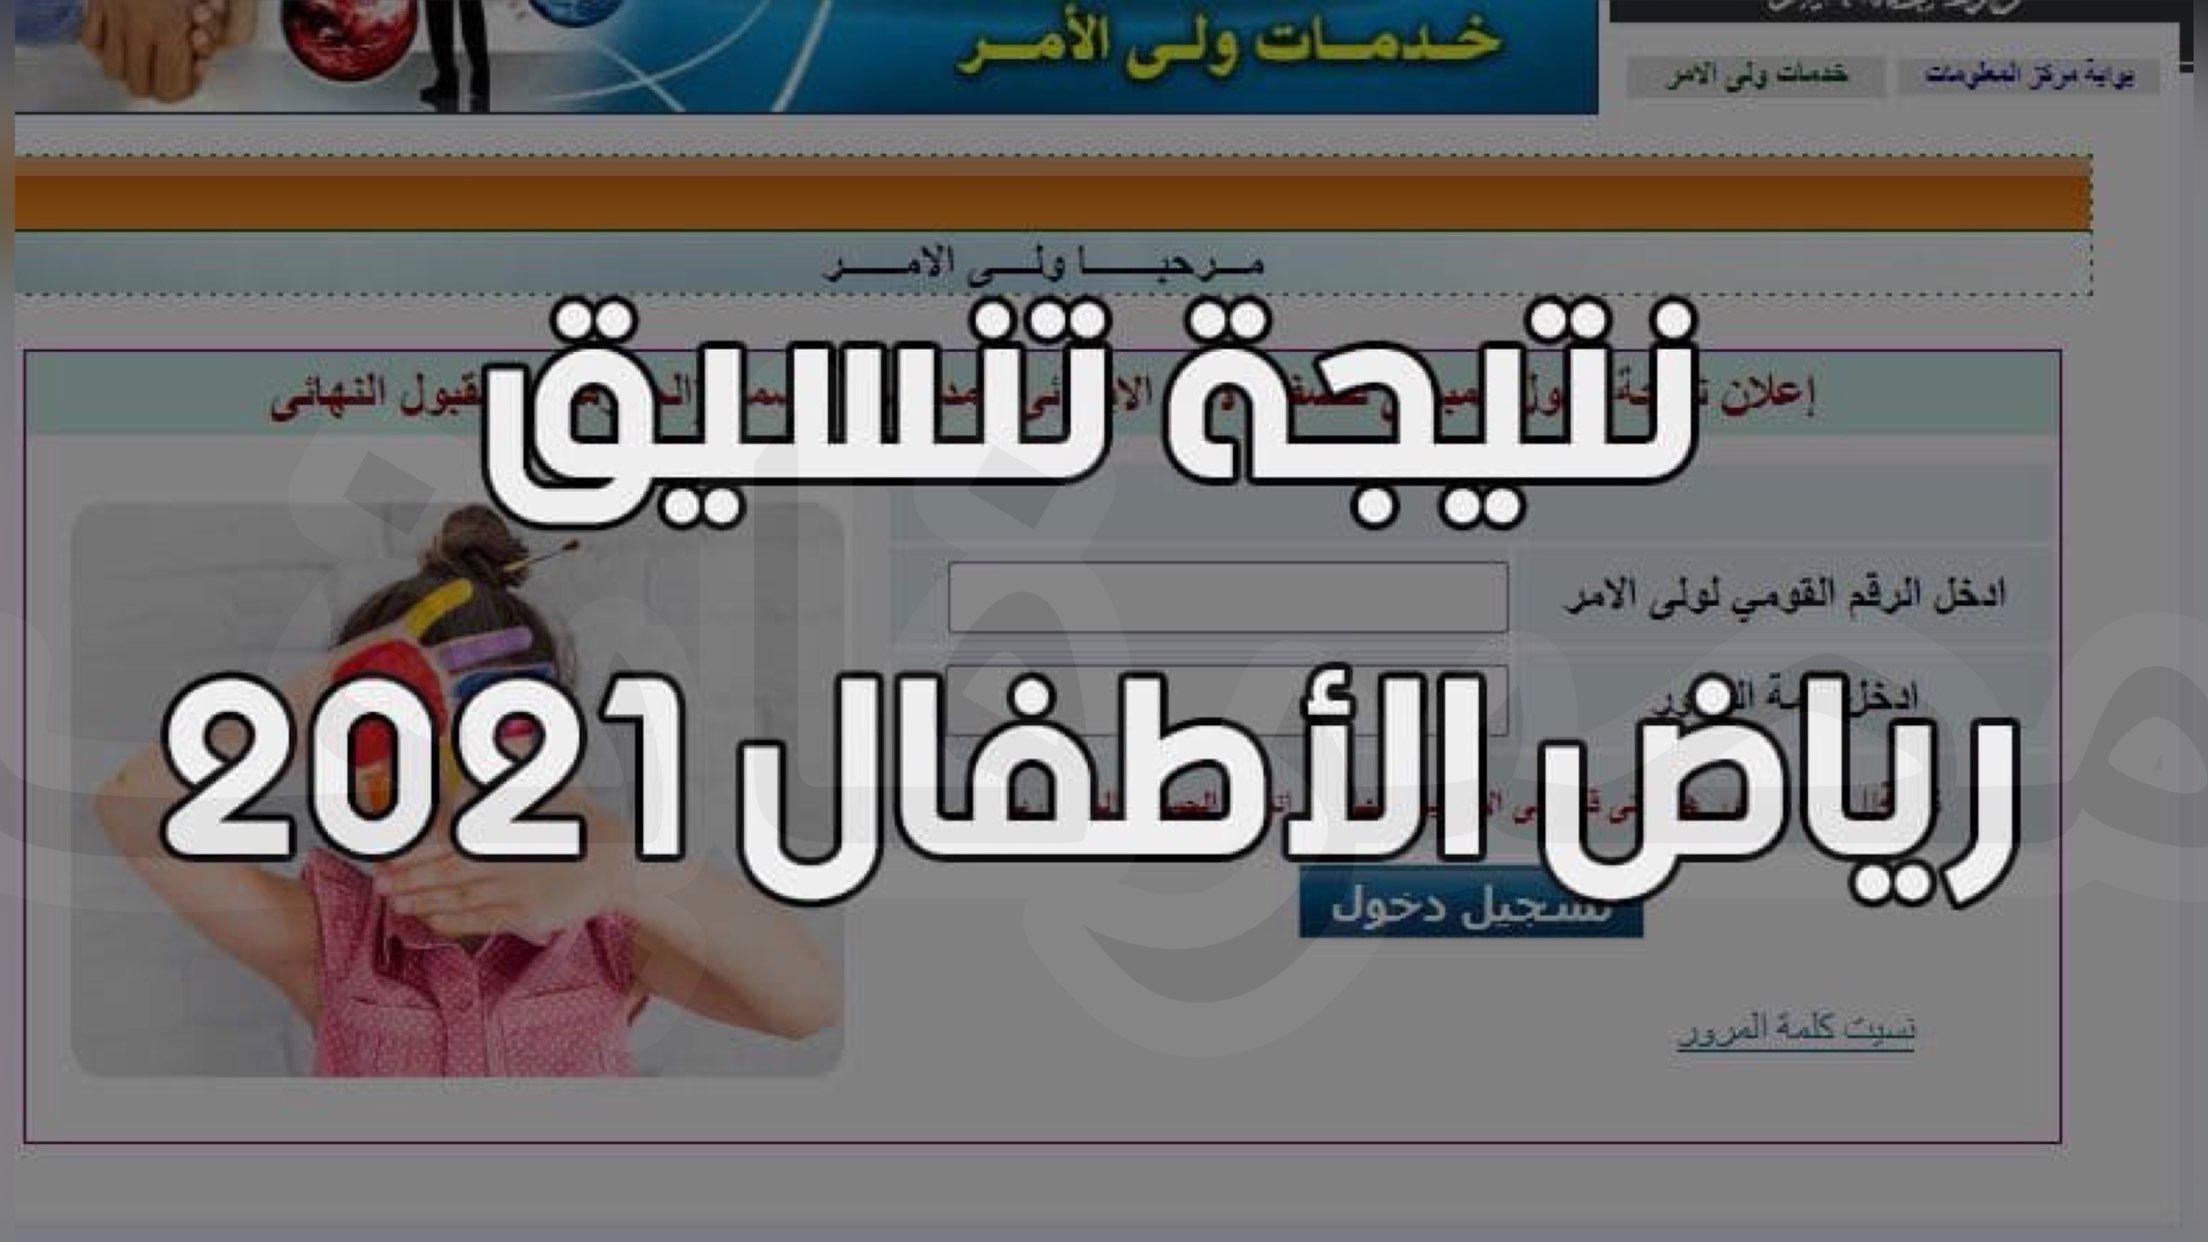 موعد ورابط اعلان نتيجة تنسيق رياض الاطفال في القاهرة 2021- 2022